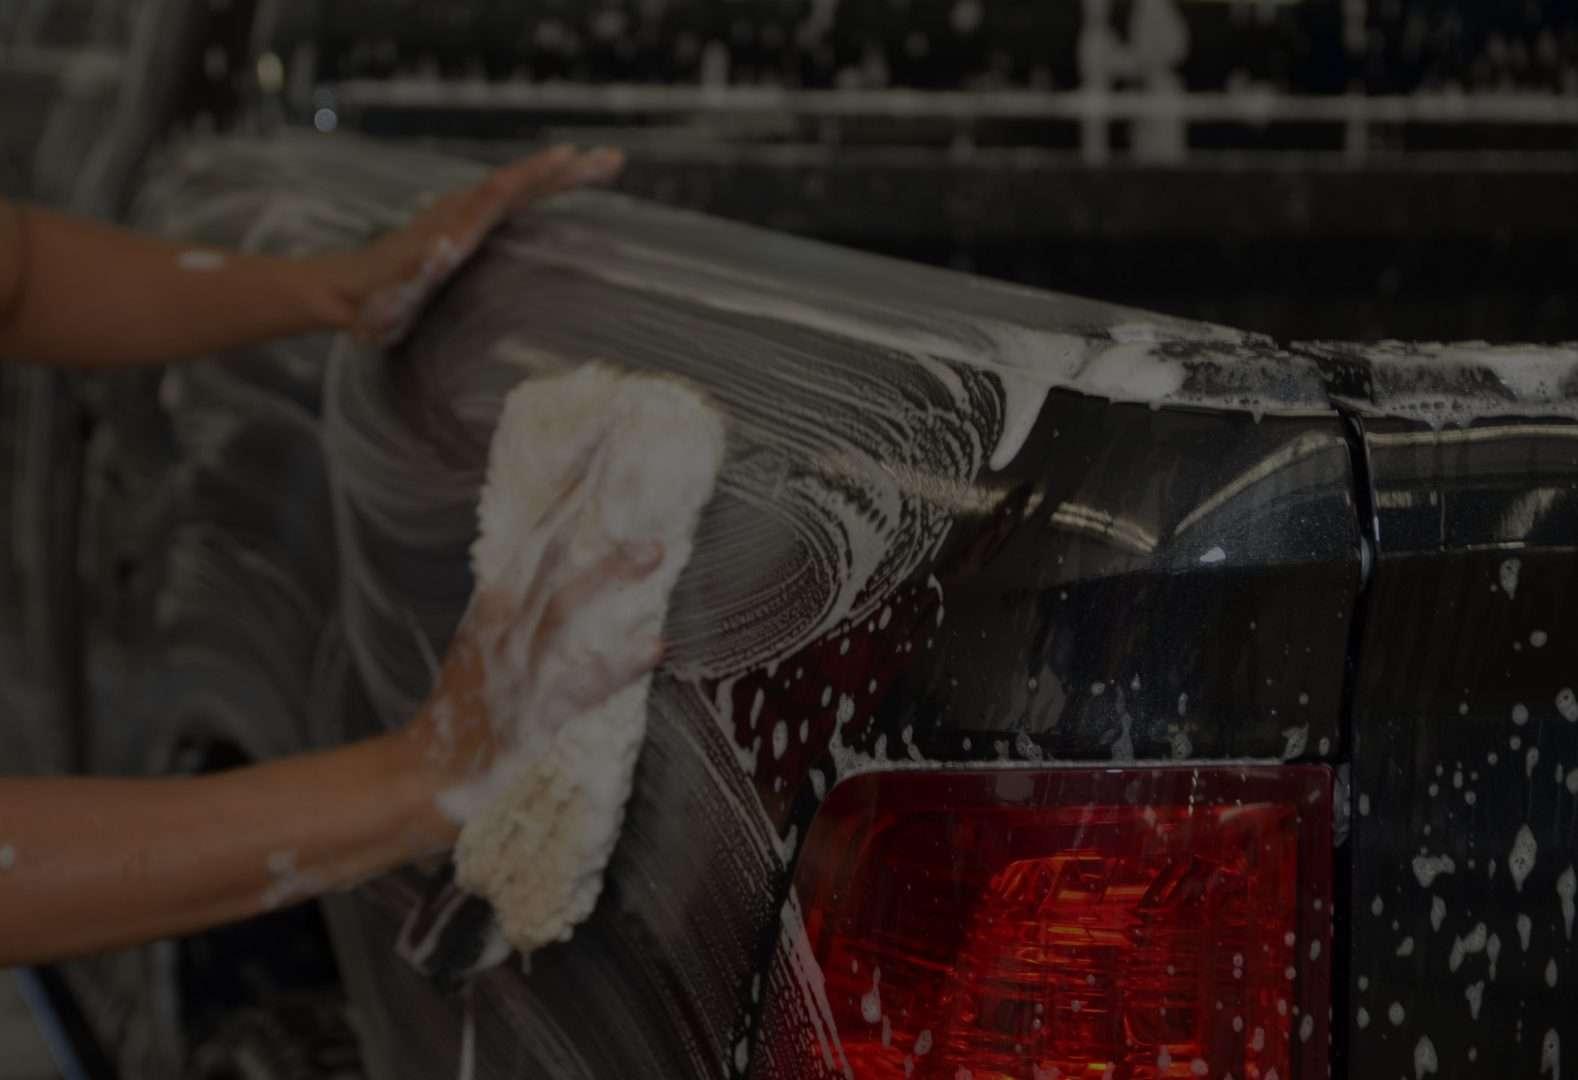 car hand wash